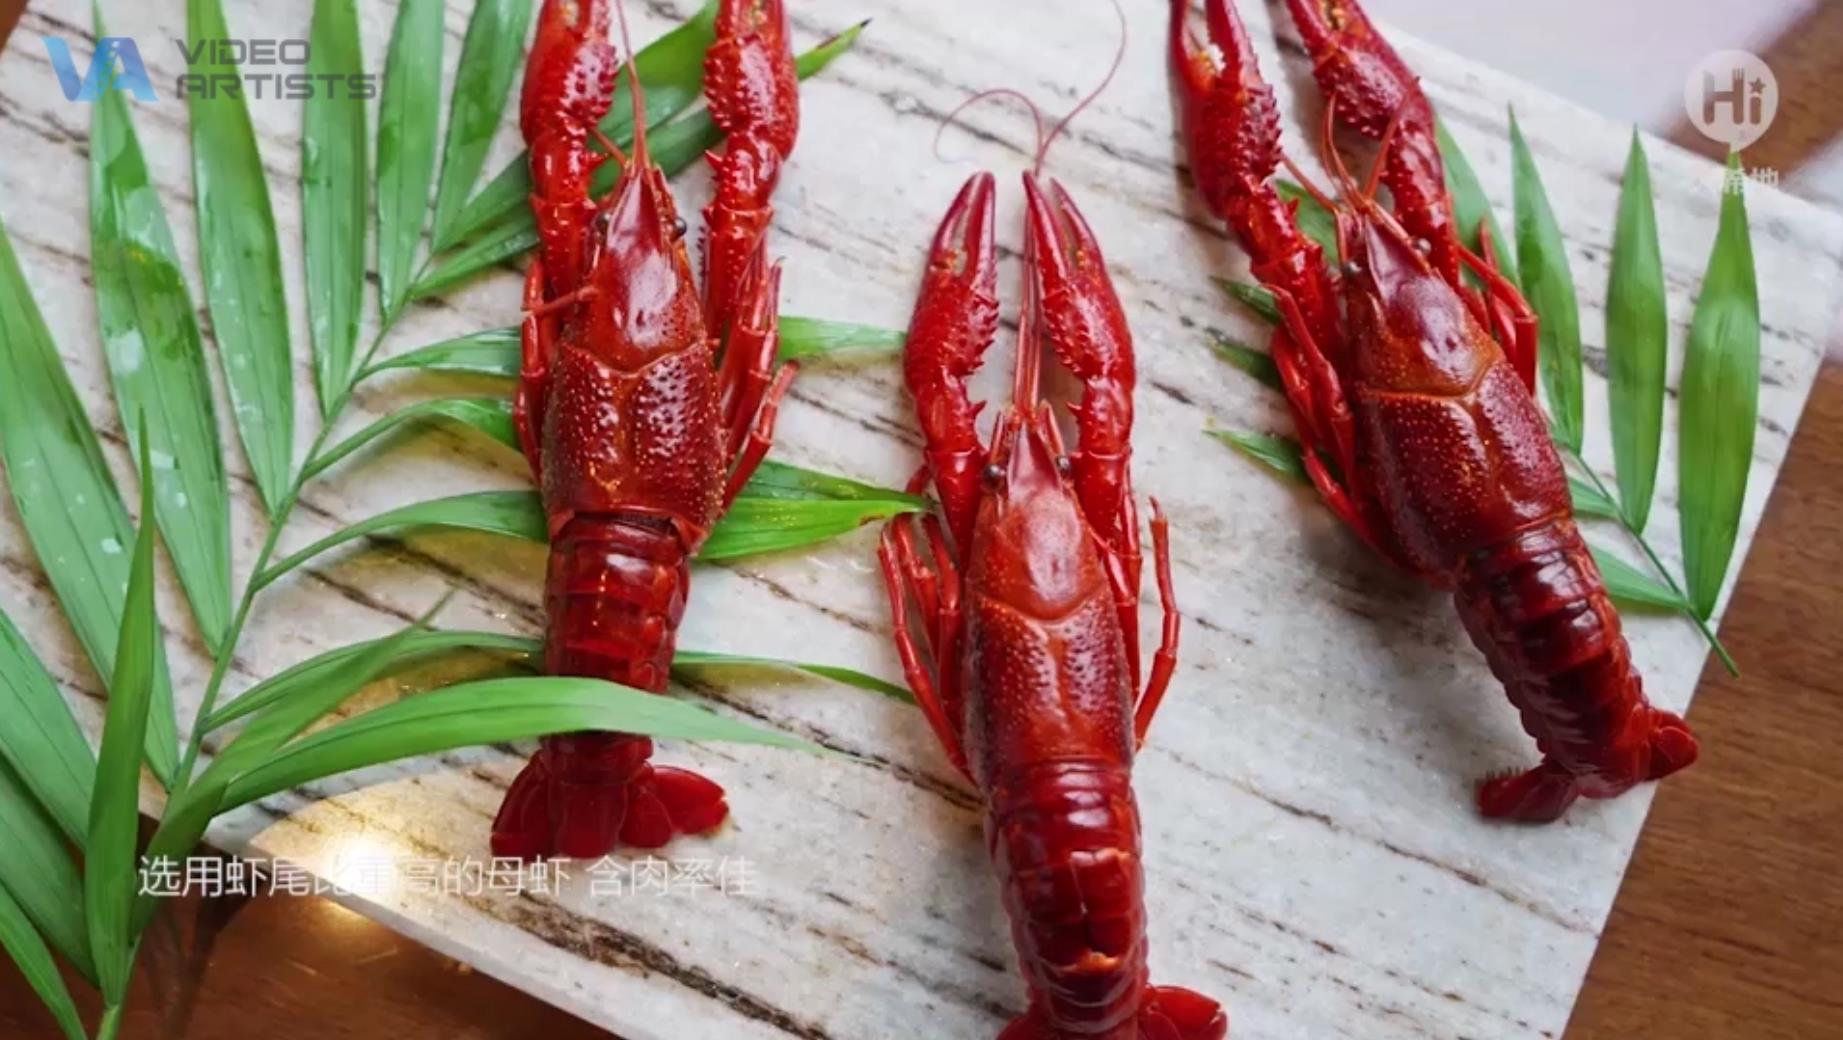 大希地麻辣小龙虾-产品宣传片